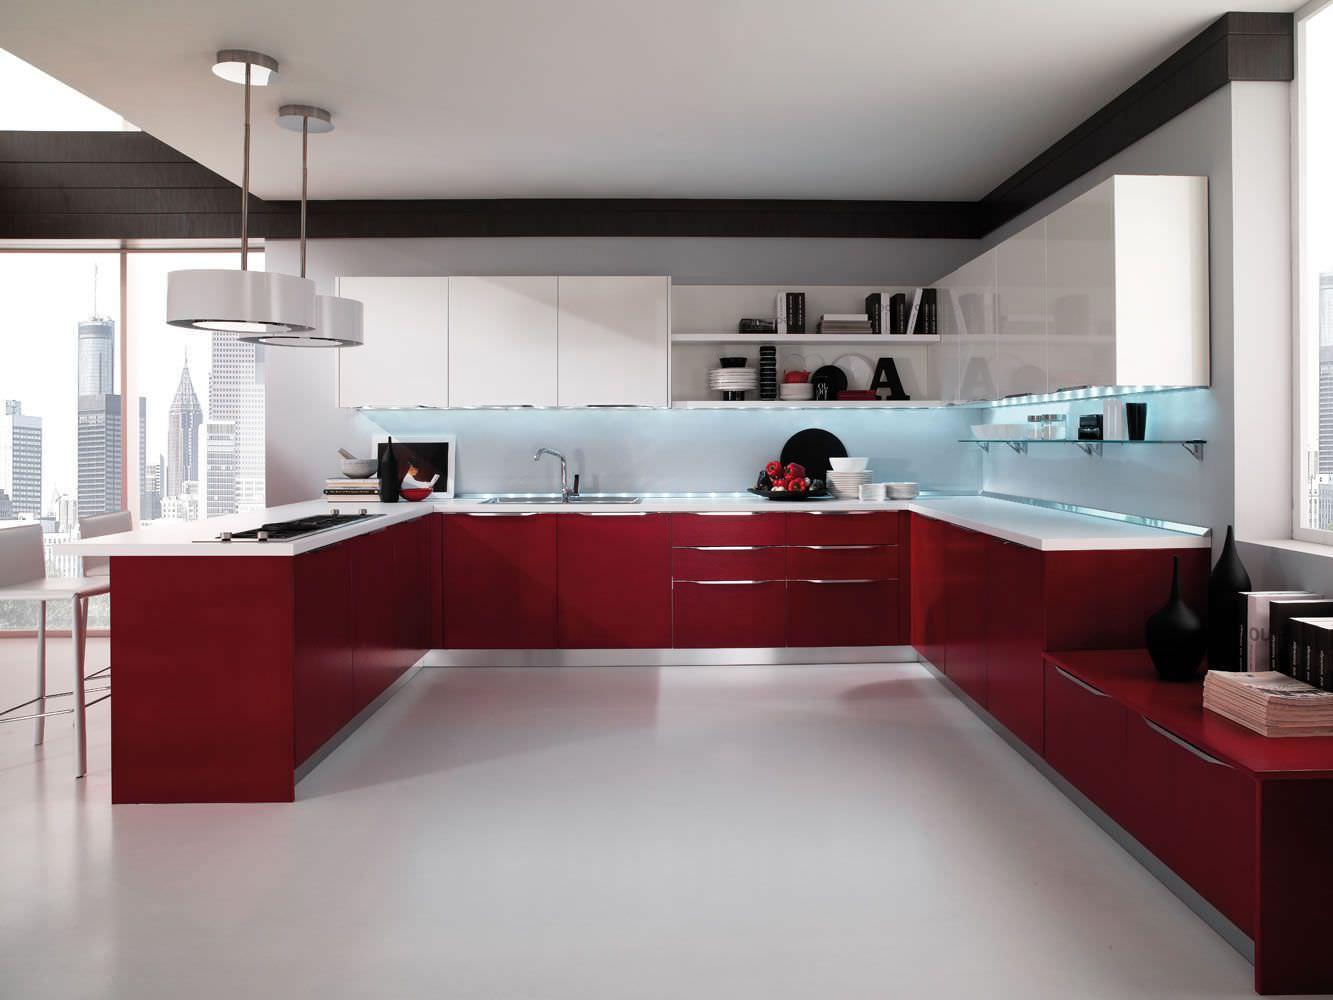 کابینت مدرن قرمز در دکوراسیون آشپزخانه مدرن